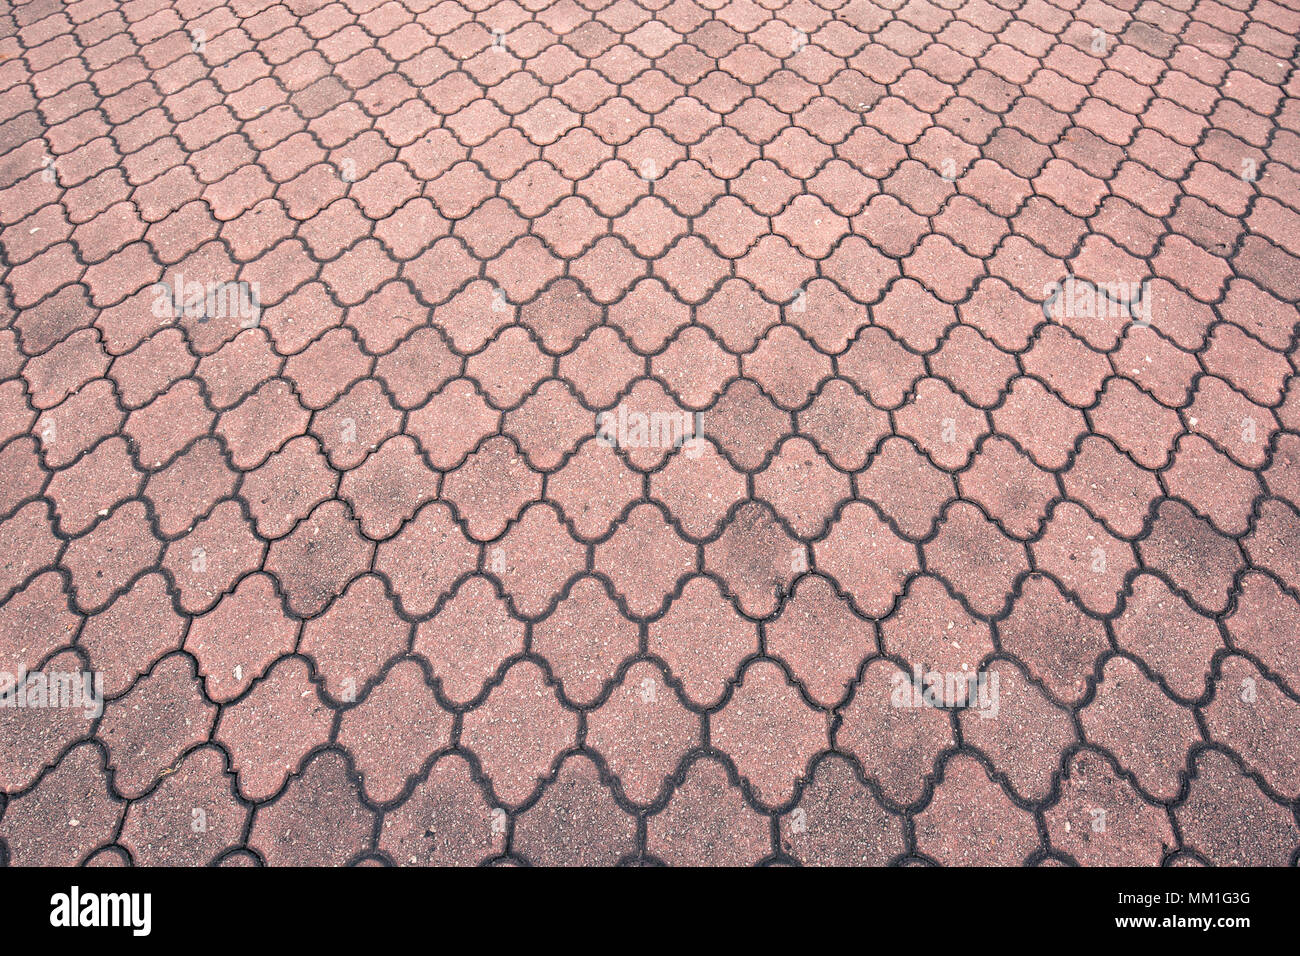 Brick Boden Textur Hintergrund Am Tag 12 00 Uhr Licht Fur Innen Oder